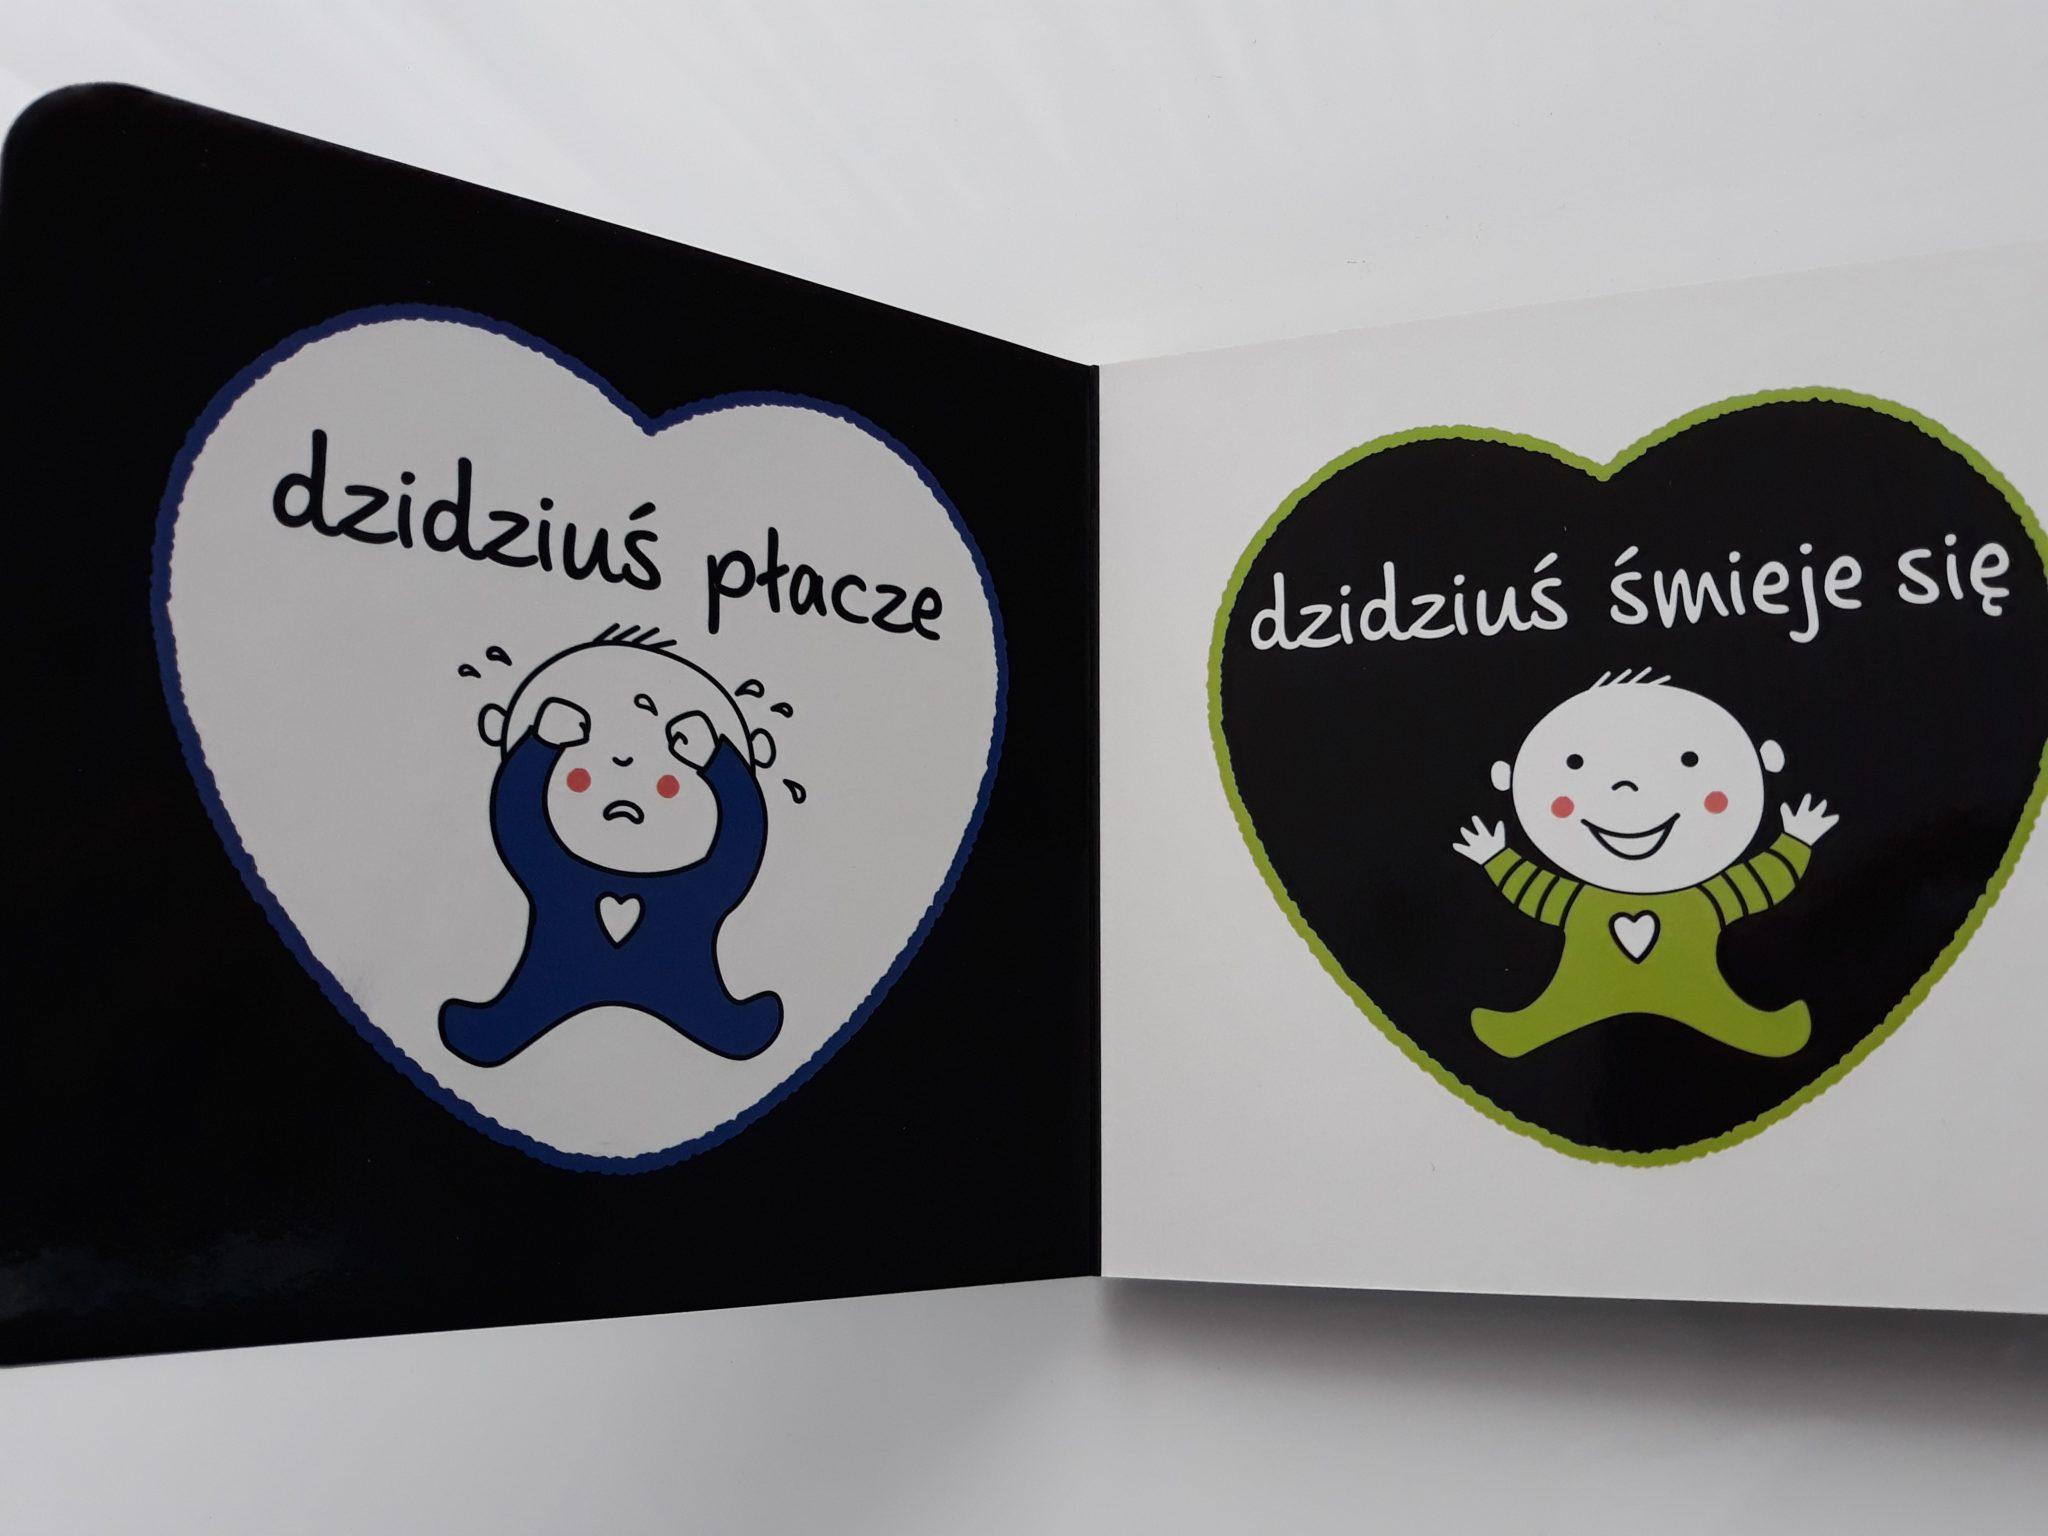 Książki dla niemowląt kontrastowe Świat Dzidziusia: dzidziuś płacze, dzidziuś śmieje się.